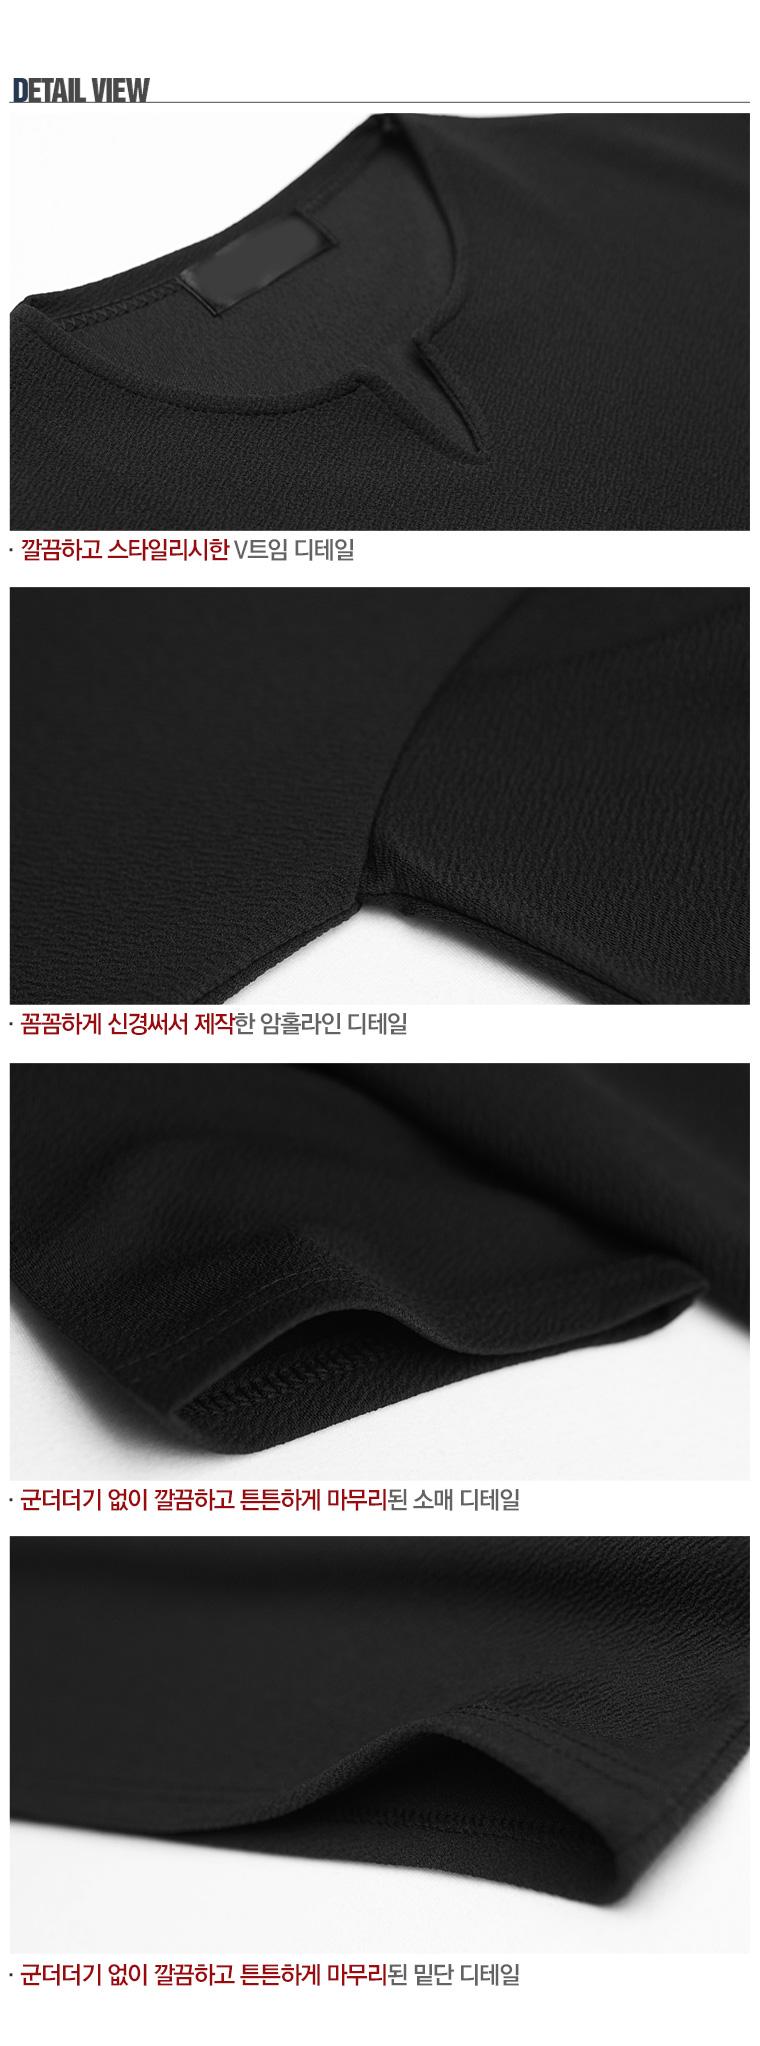 리버플 브이트임 반팔티 (SM119) - 탑보이, 23,800원, 상의, 반팔티셔츠